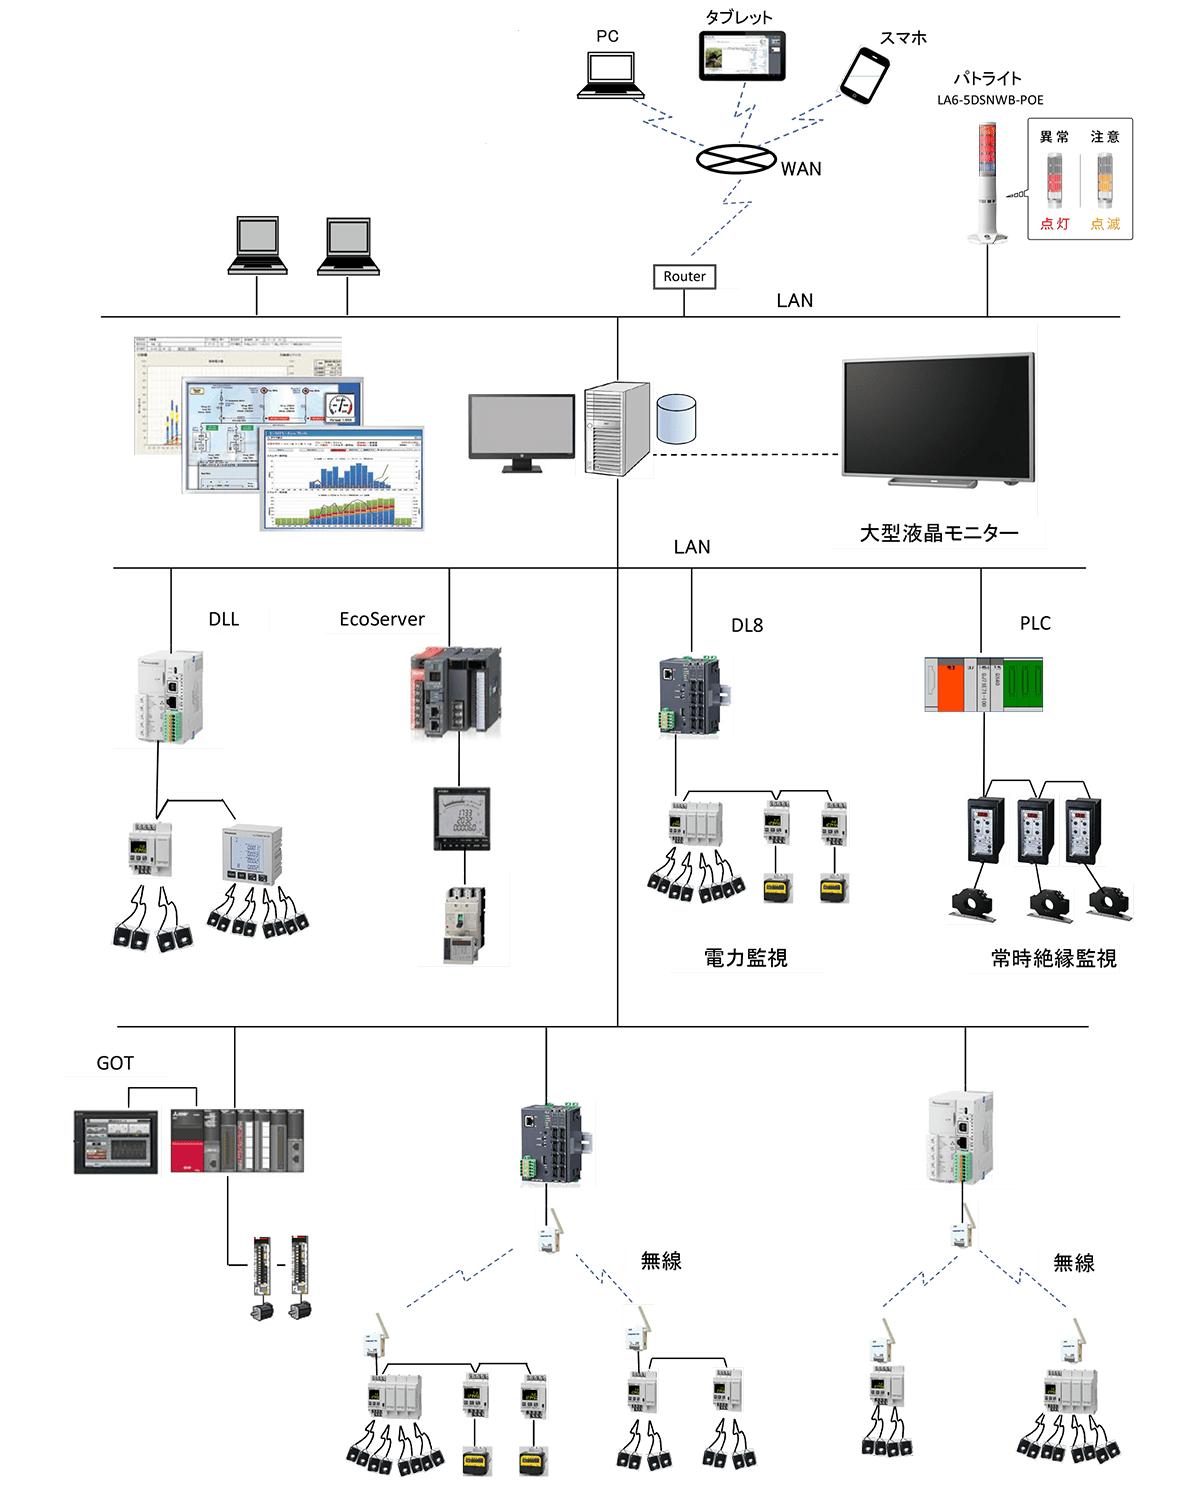 絶縁監視システムの構成概要